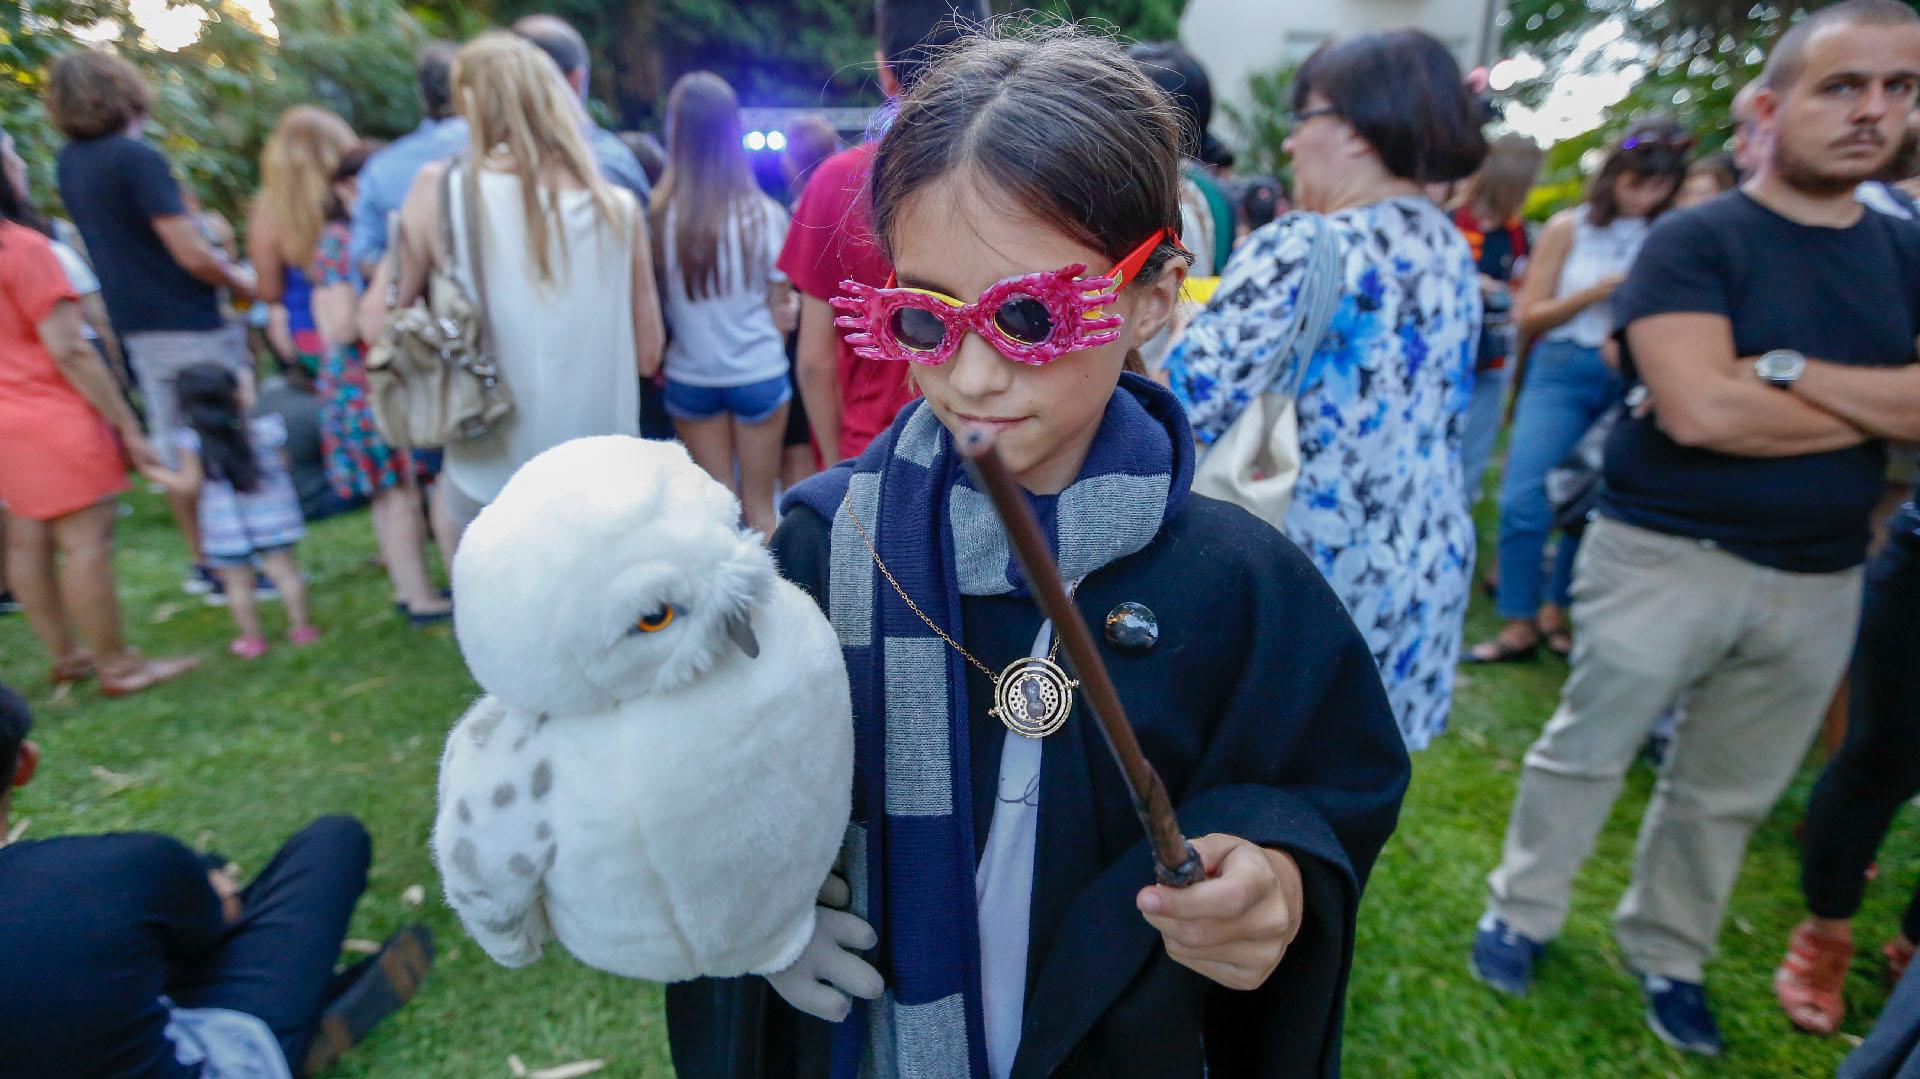 Por cuarto año consecutivo, Harry Potter Book Night convocó a más de 1500 lectores y fanáticos en una tarde llena de nuevas propuestas y actividades para todas las edades